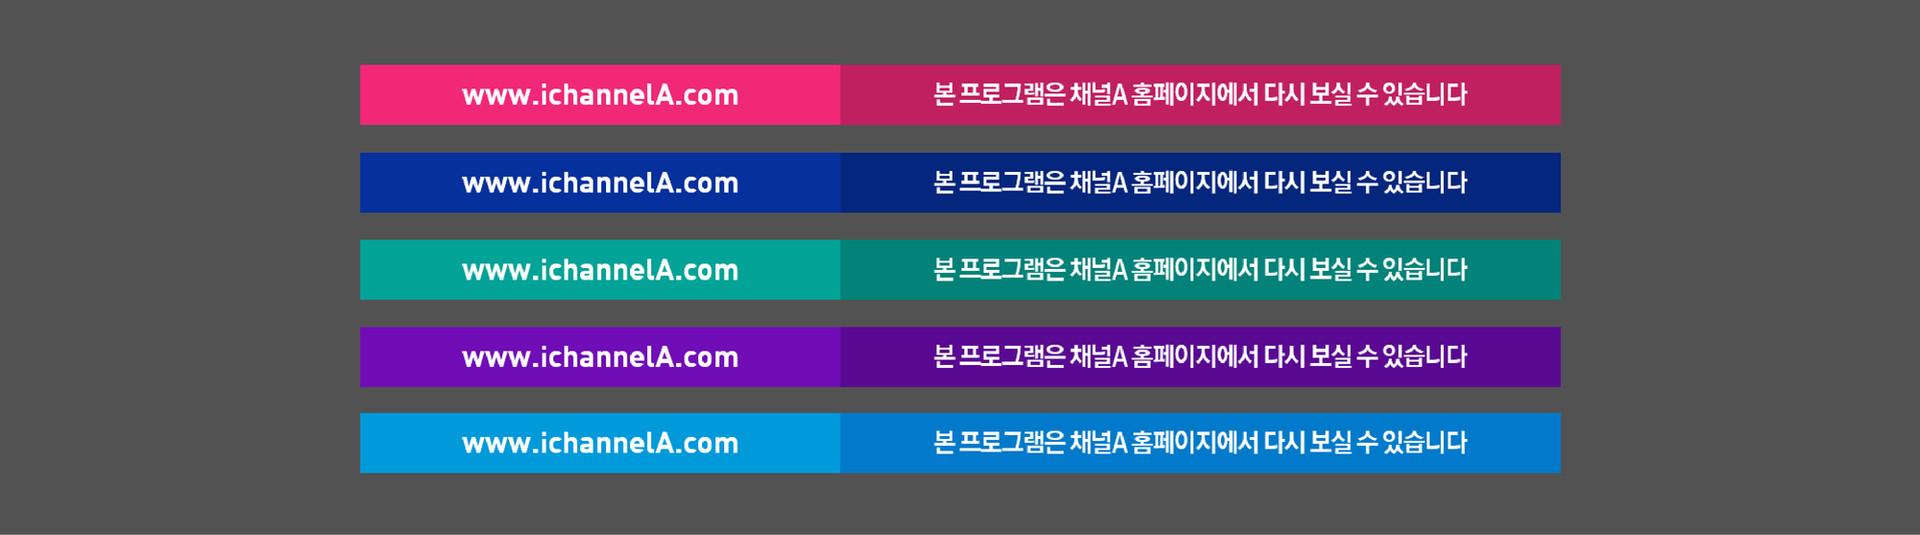 네트워크브랜딩_웹사이트고지-01.jpg